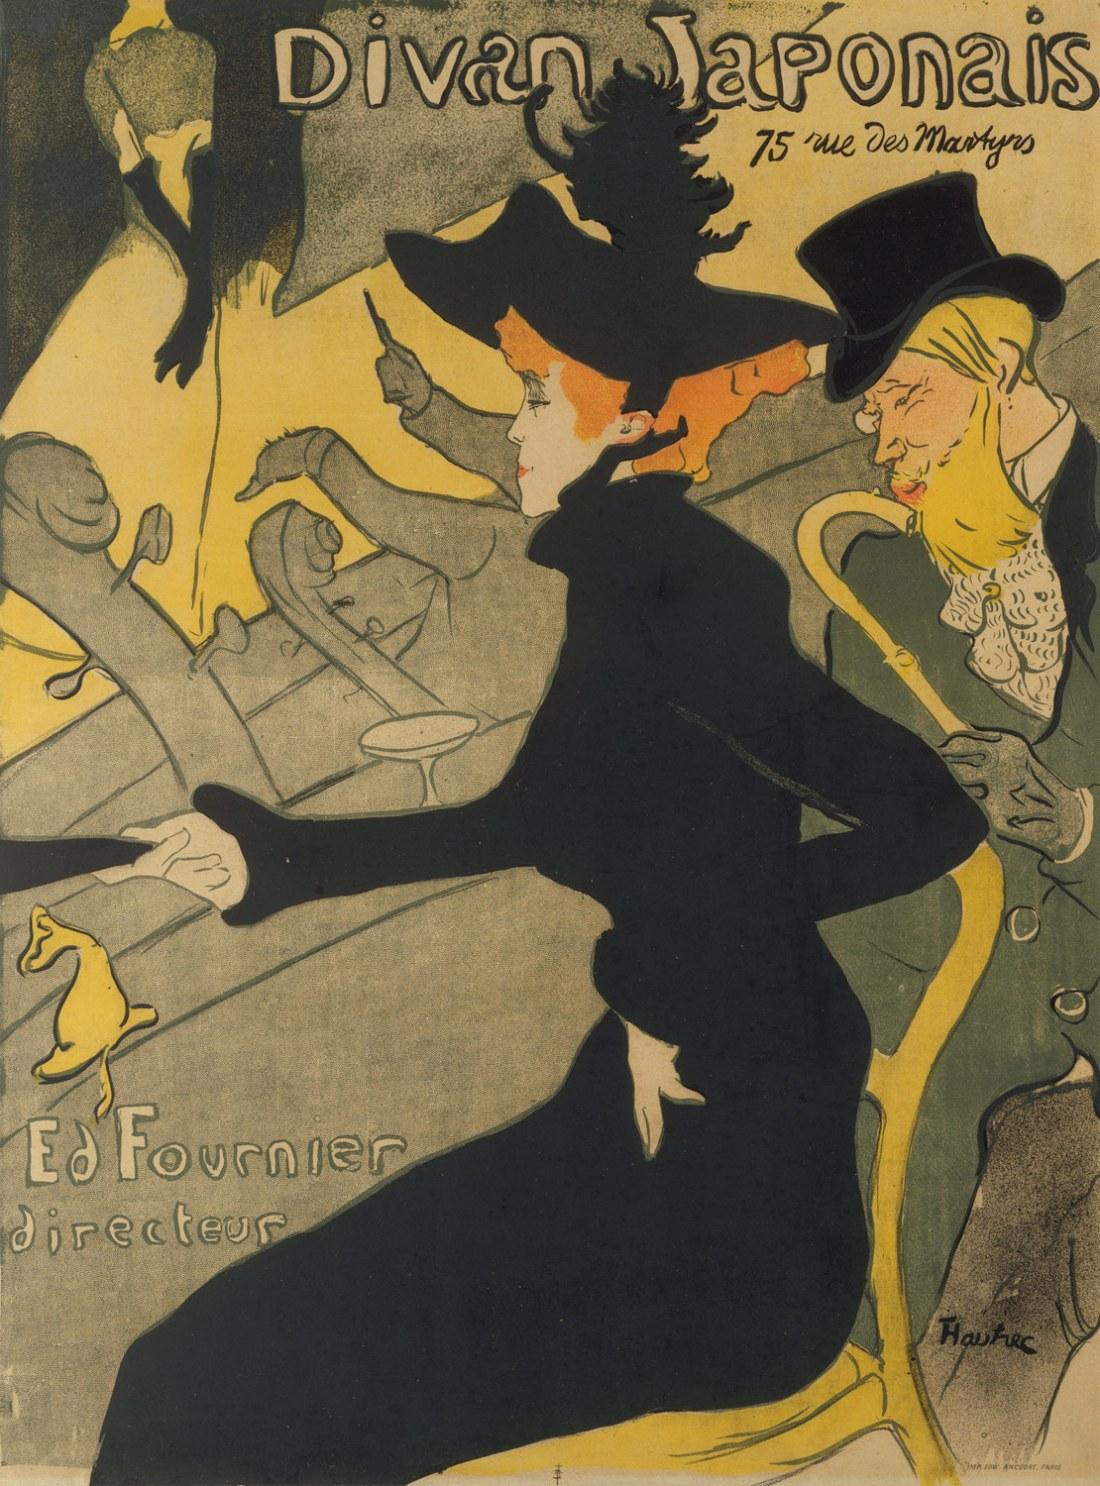 Divan Japonais, Toulouse-Lautrec, 1893